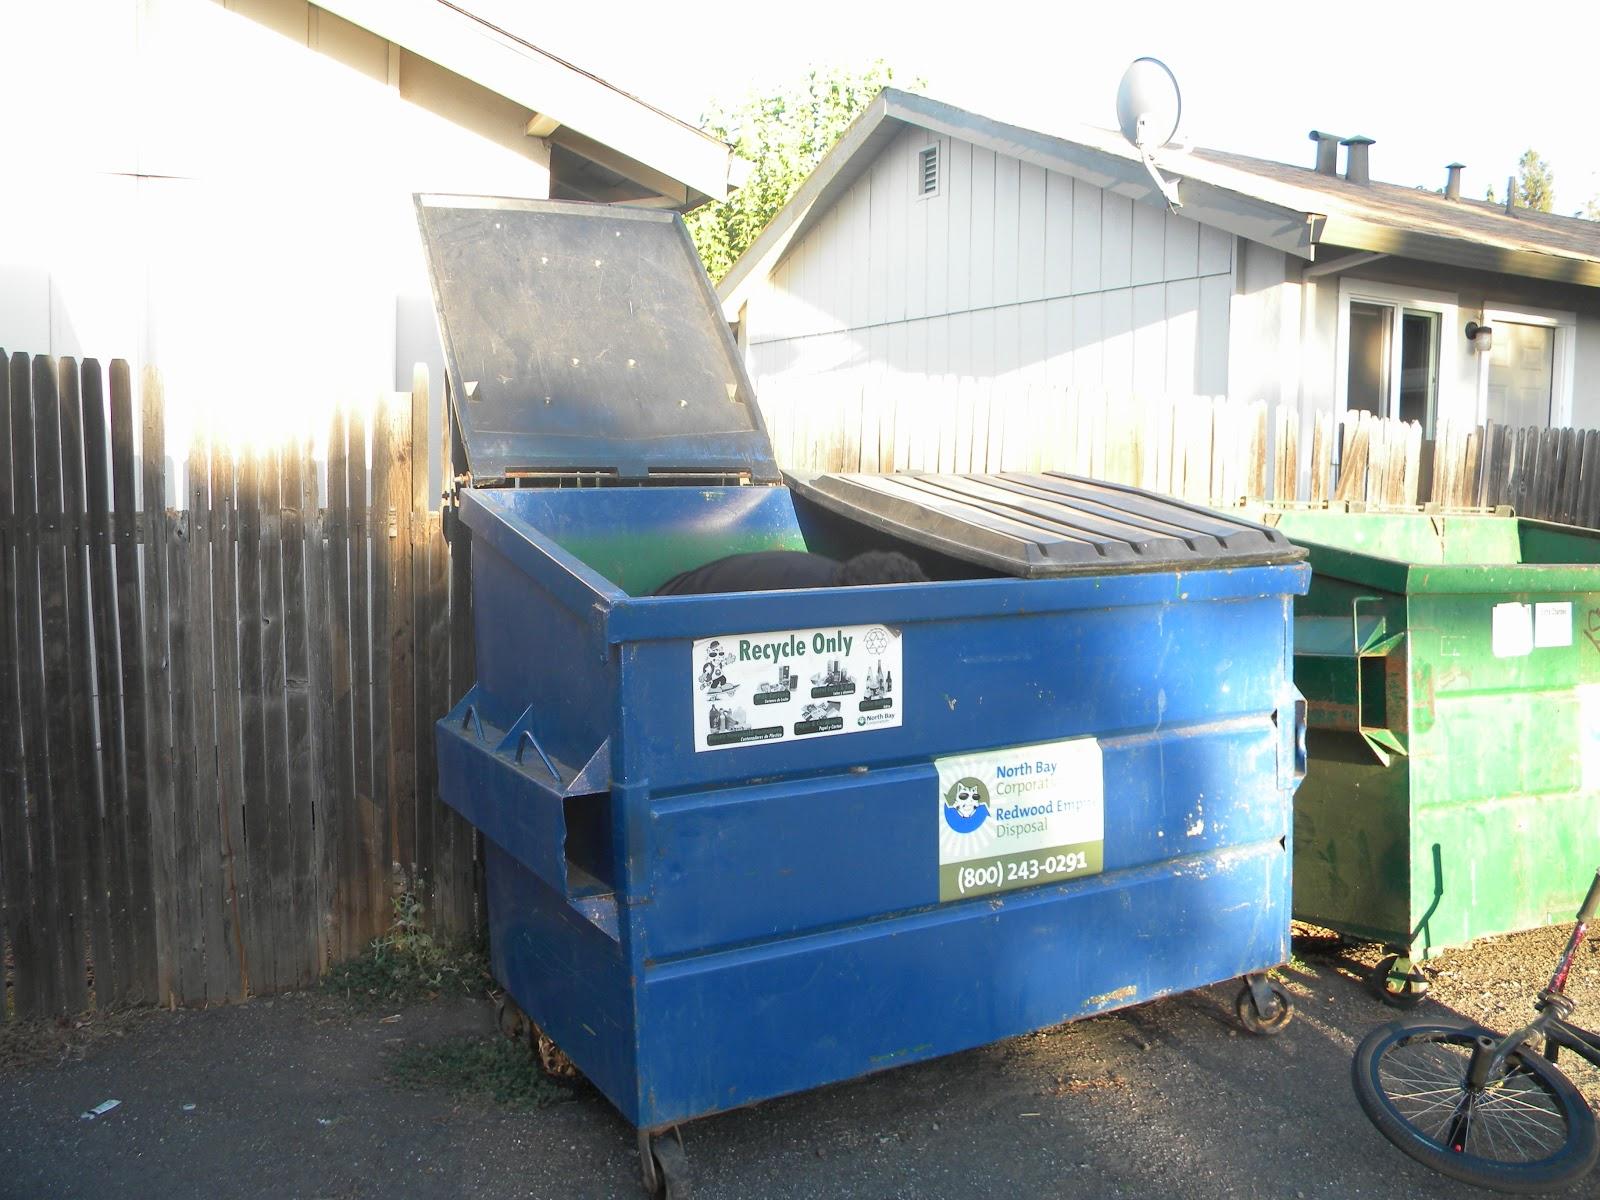 Santa Rosa Recycling Center >> Onelovebmx October 2010